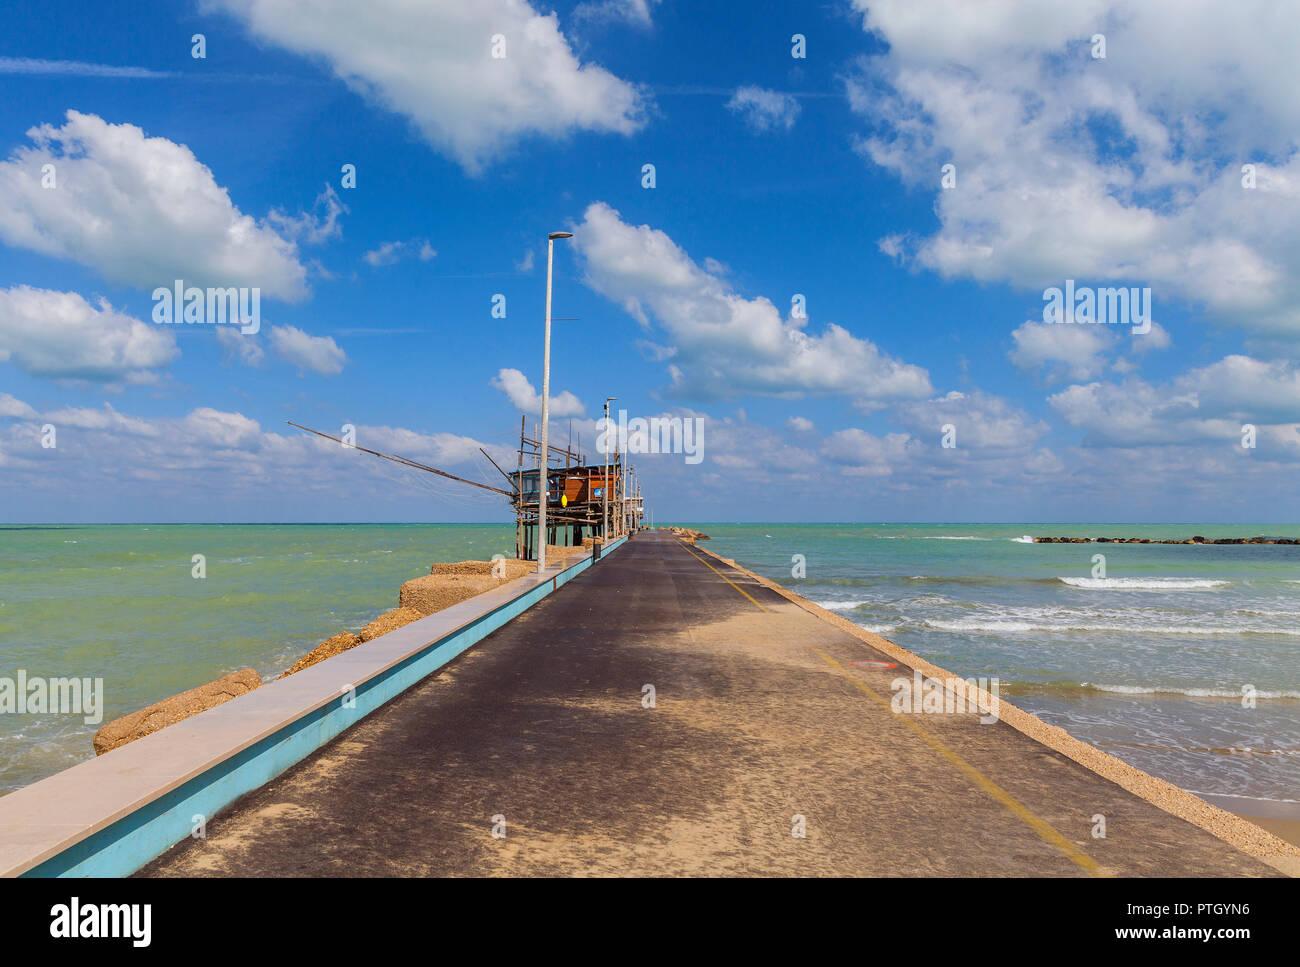 Trabocchi, San Vito Ciento, Adriatic Sea coast  in the province of Chieti in the Abruzzo region of central Italy - Stock Image